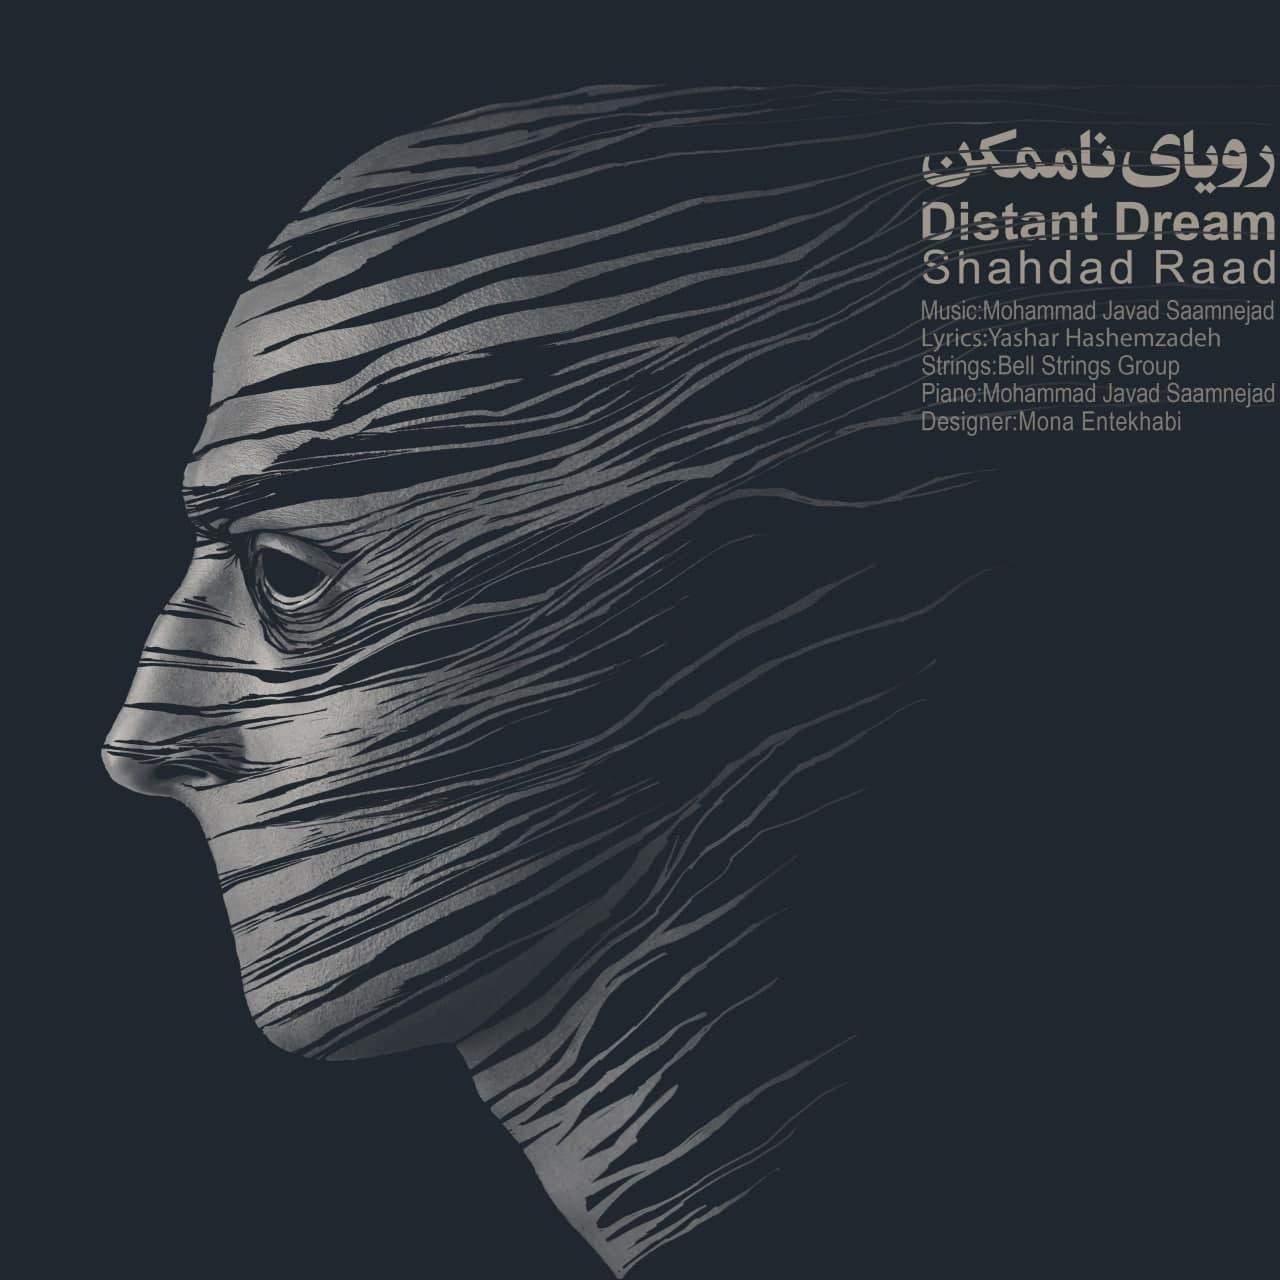 دانلود موزیک جدید رویای ناممکن از شهداد راد